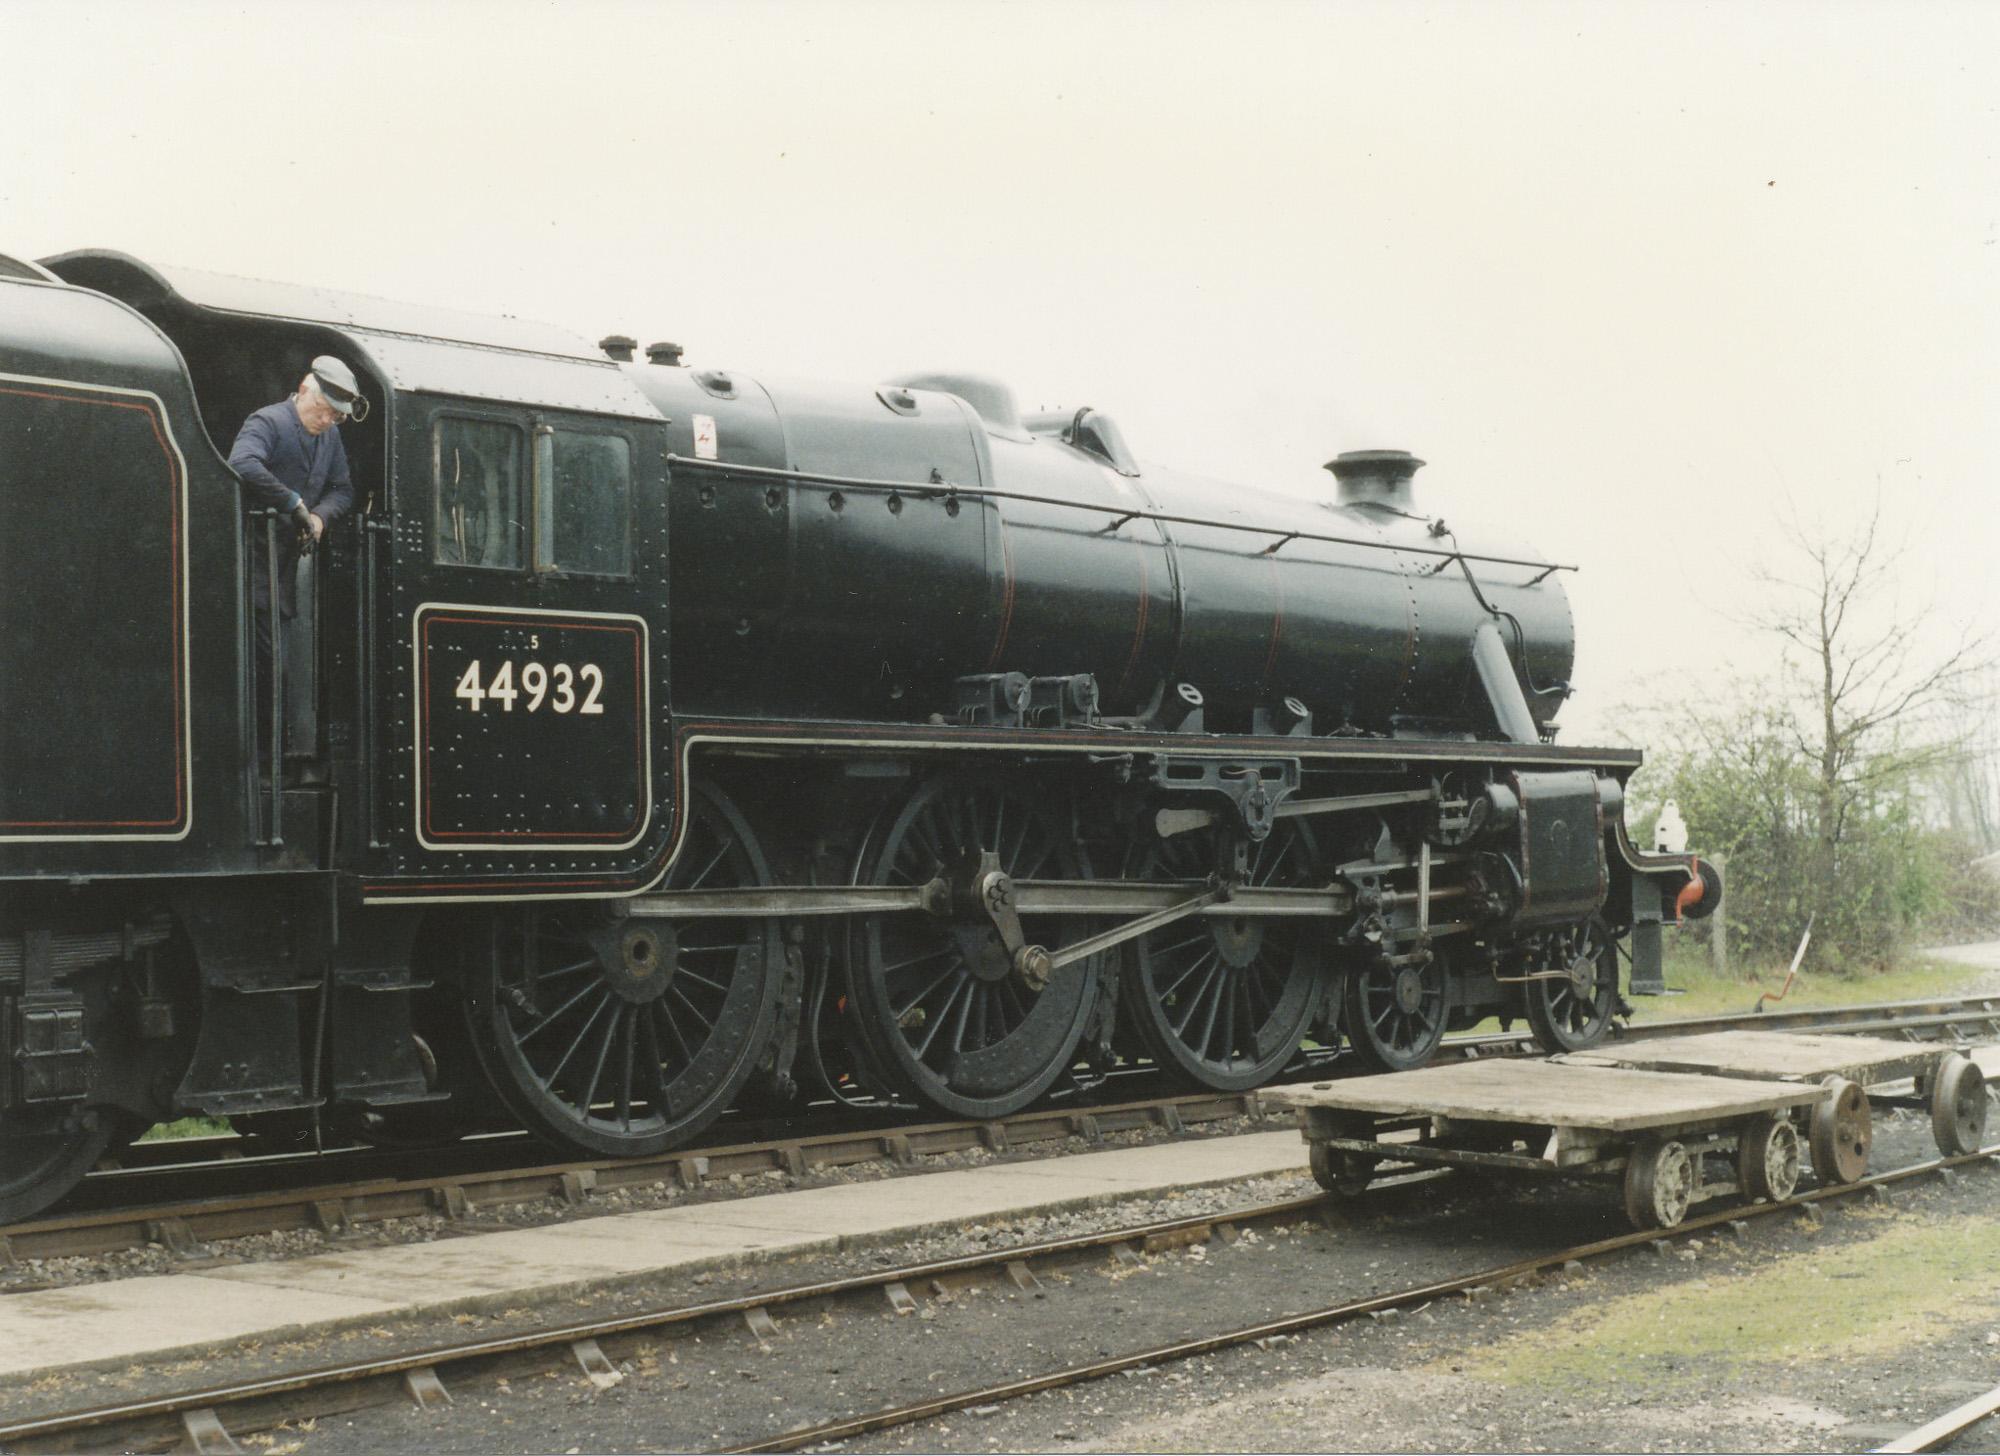 Black 5 44932. © Bob Robson/6024 PS Ltd